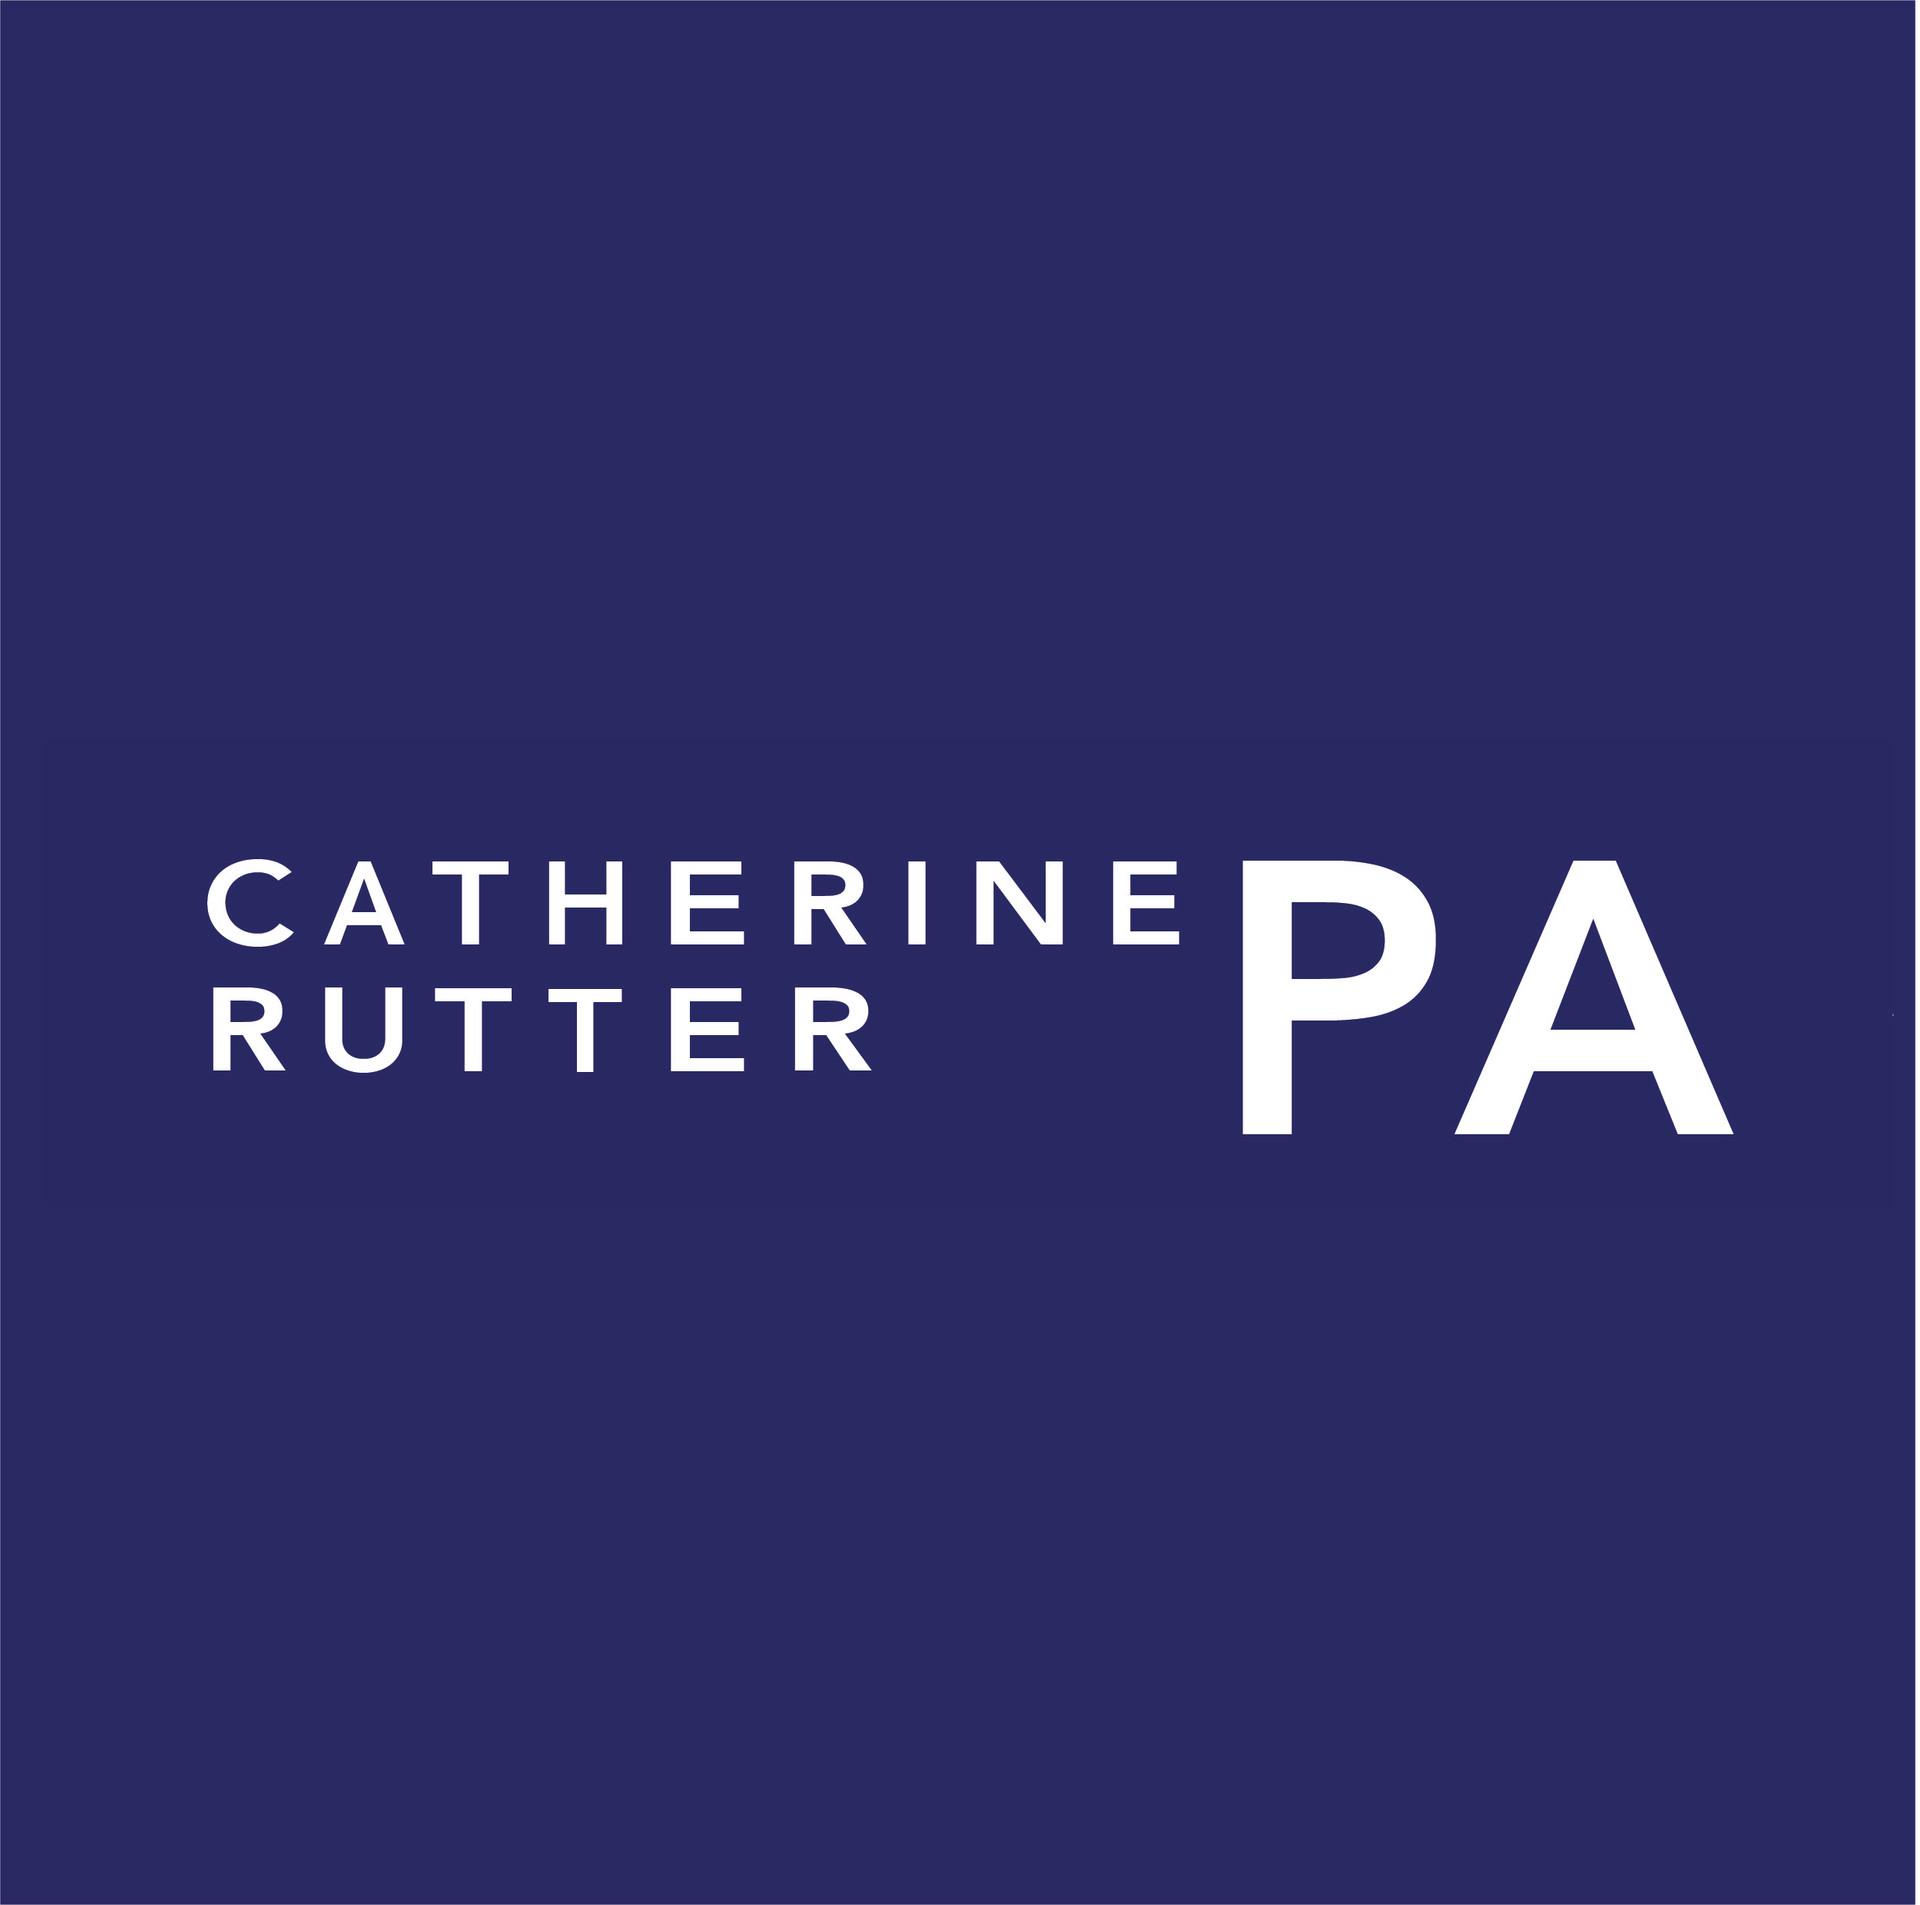 catherine rutter logo.jpg